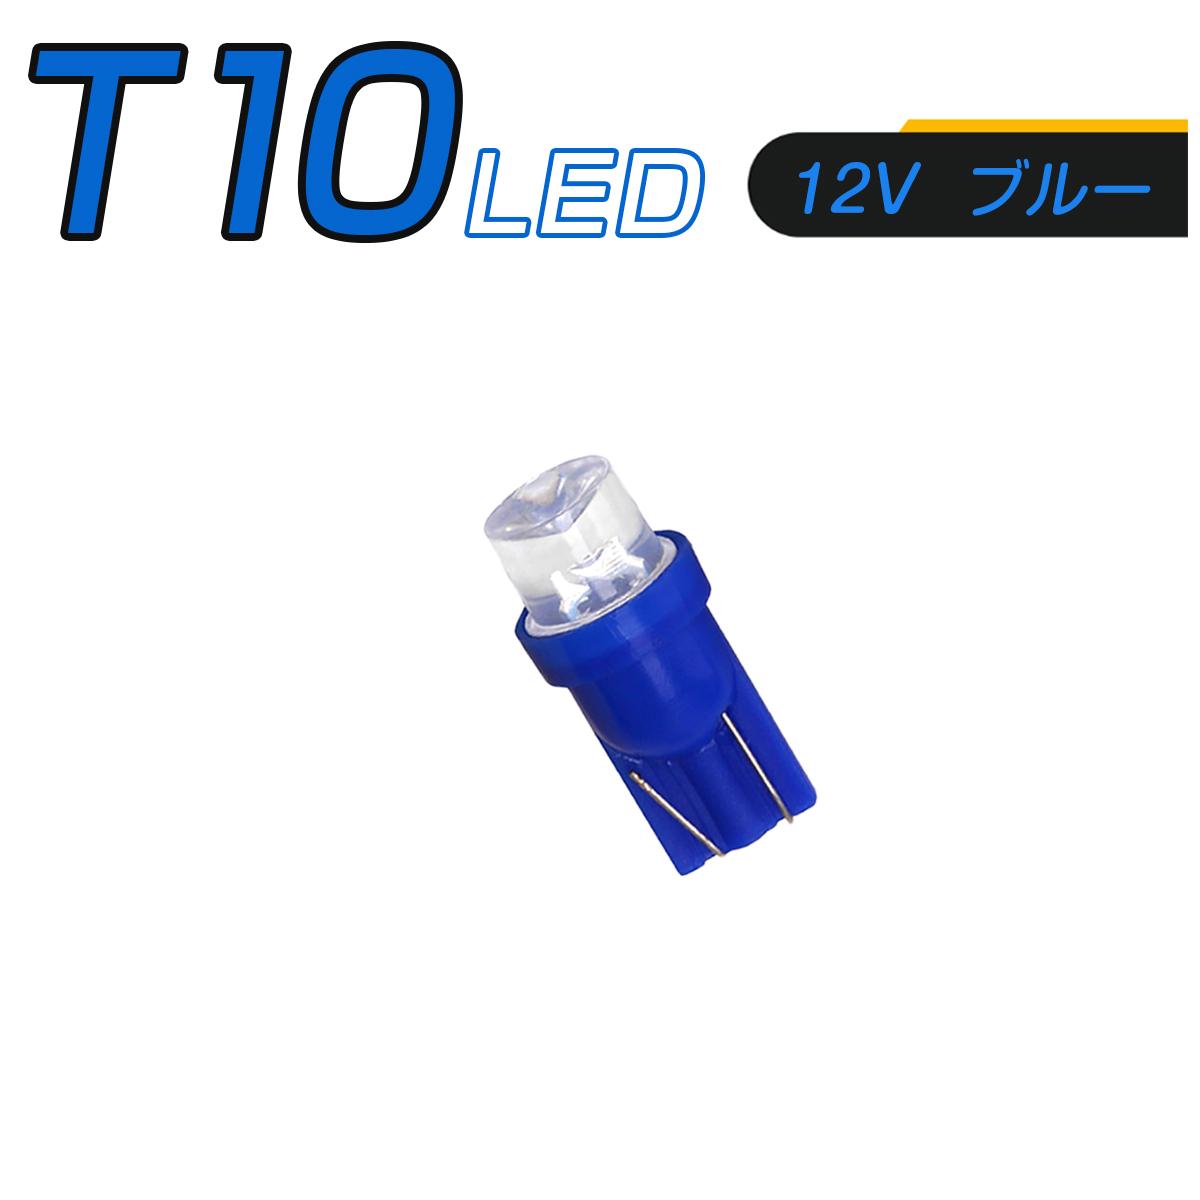 LED T10 青 SMD メーター球 タコランプ インジケーター エアコンパネル ウェッジ球 超拡散 全面発光 2個セット SDM便送料無料 1ヶ月保証